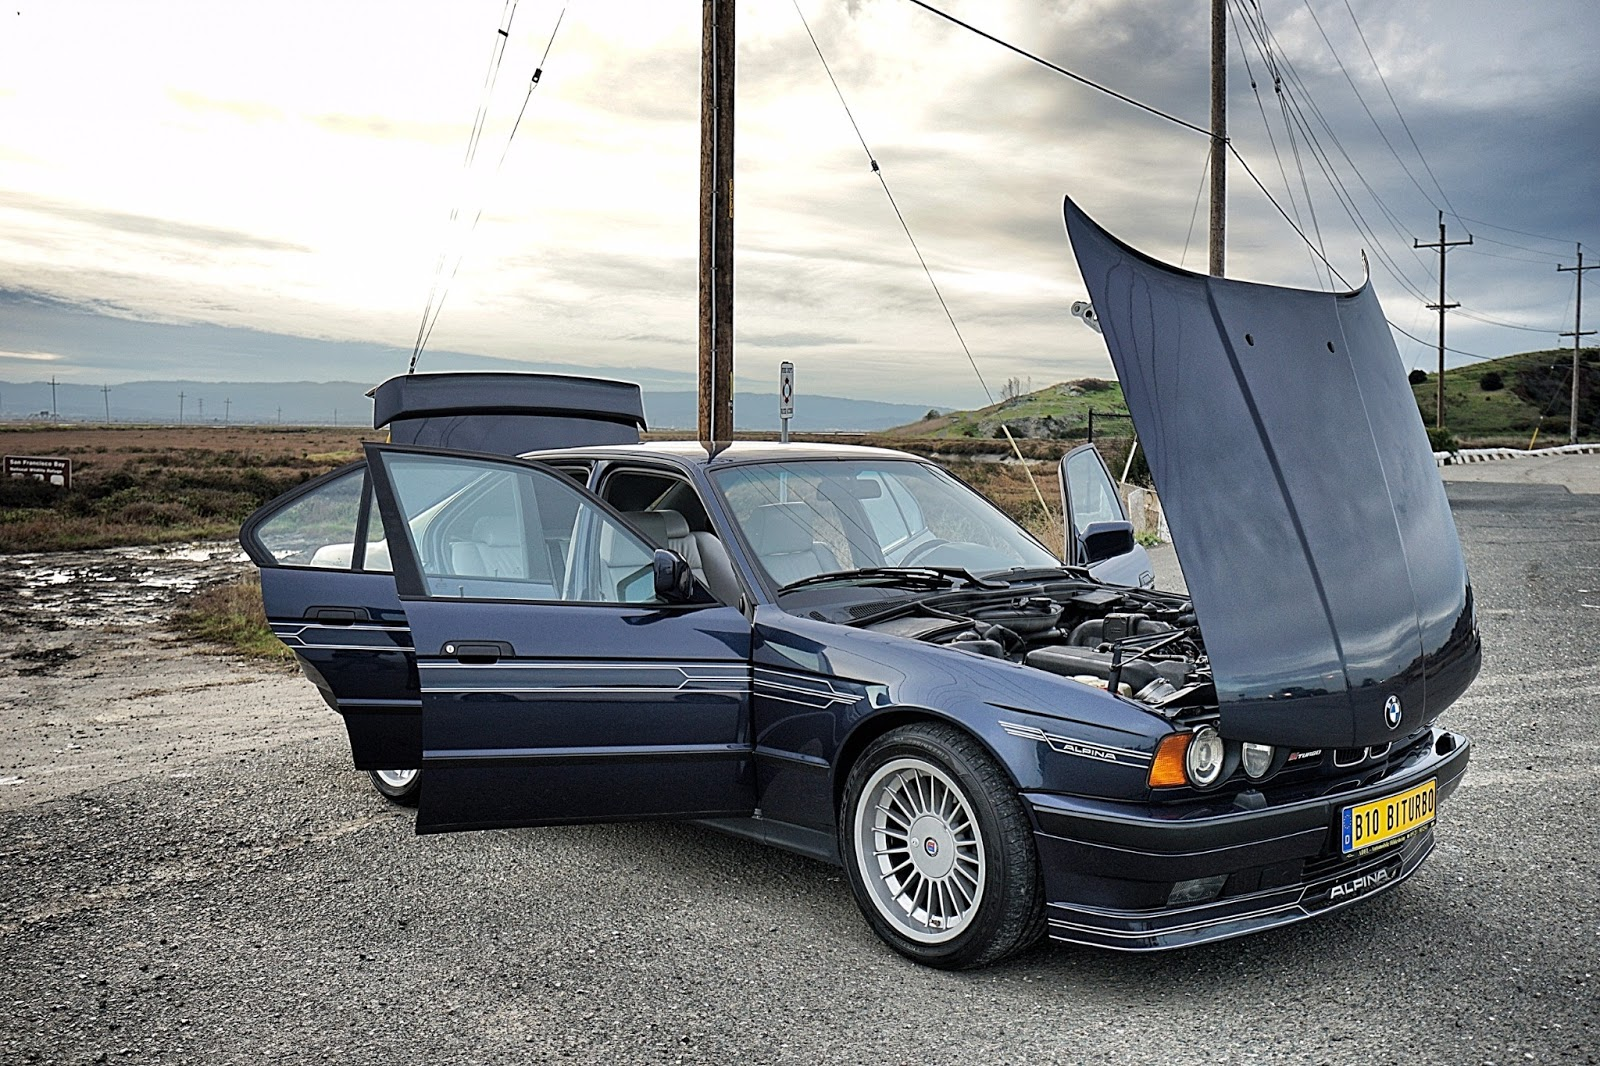 1990_B10_Bi-Turbo_48